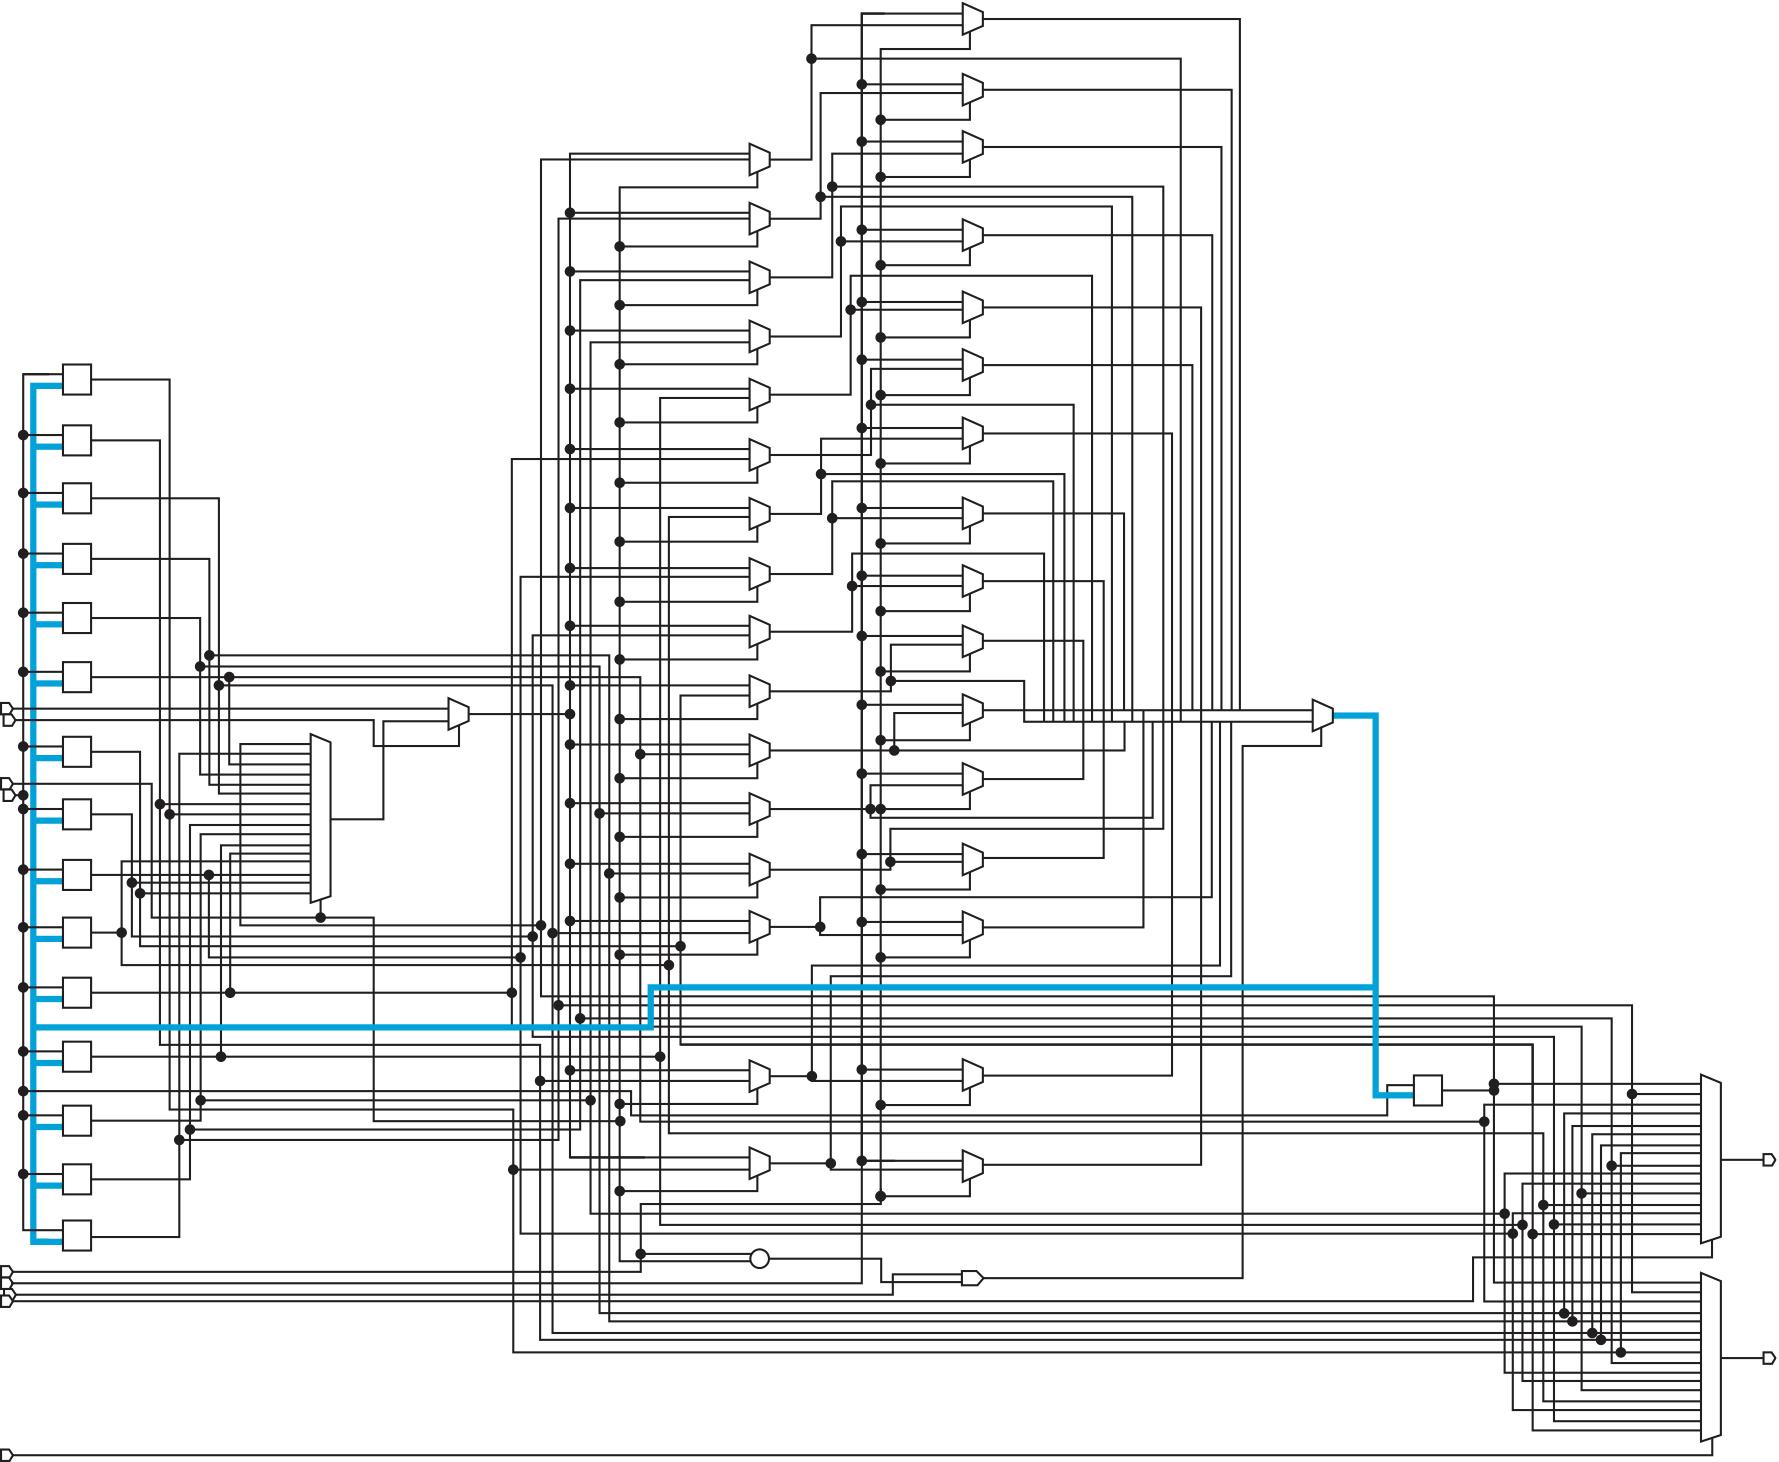 Синтезированная схема регистрового файла с двумя портами записи